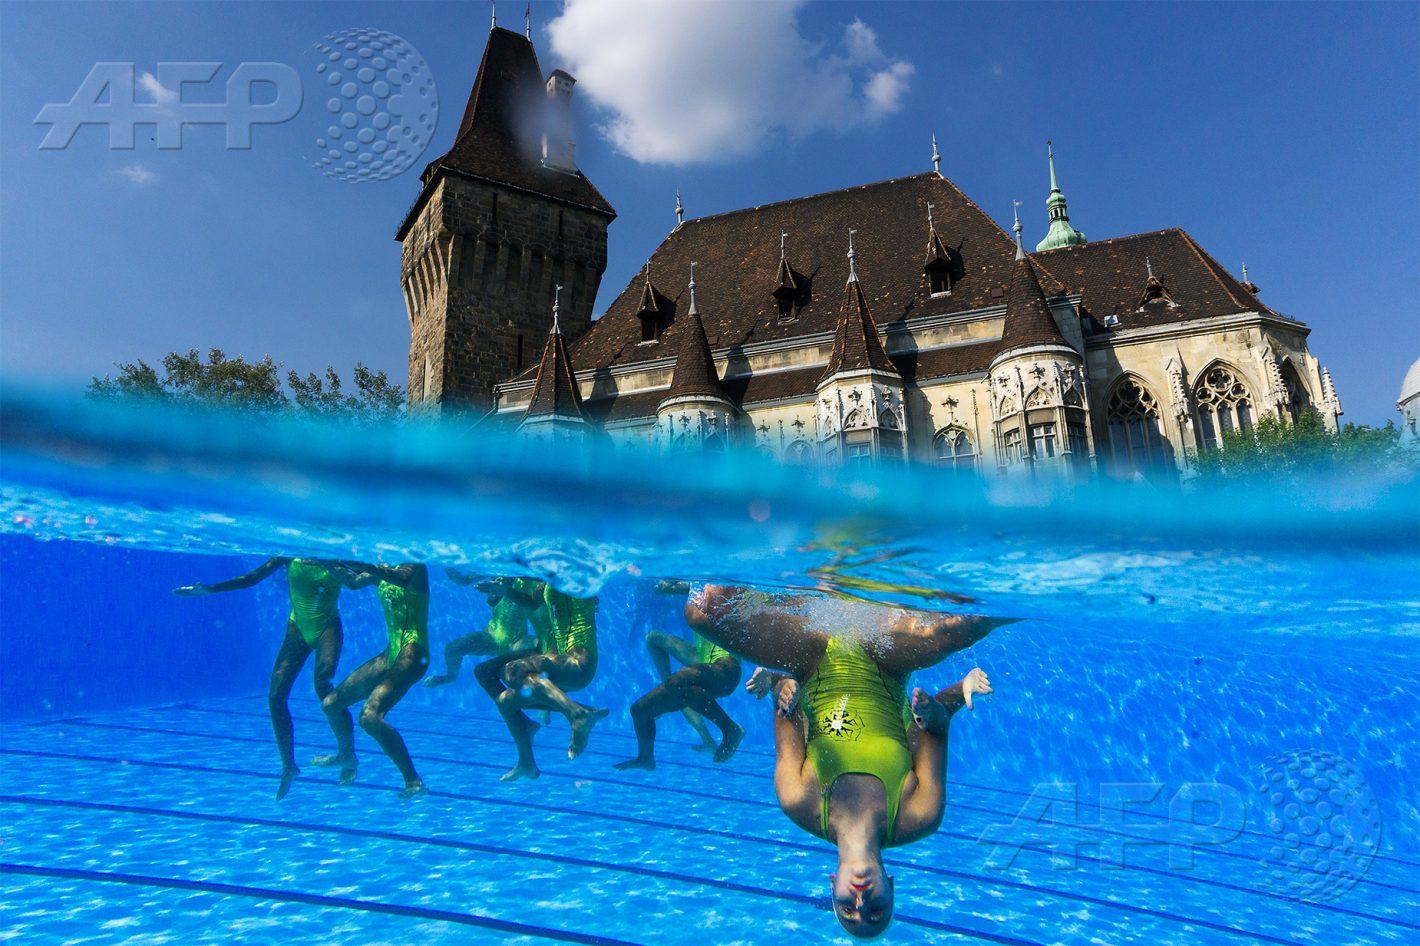 AFP 5 / HONGRIE 20 juillet 2017 - Budapest, Hongrie - Cette photo réalisée grâce à un équipement subaquatique montre des nageuses de natation synchronisée à l'entraînement lors des Championnats du monde de natation. AFP / FRANÇOIS-XAVIER MARIT